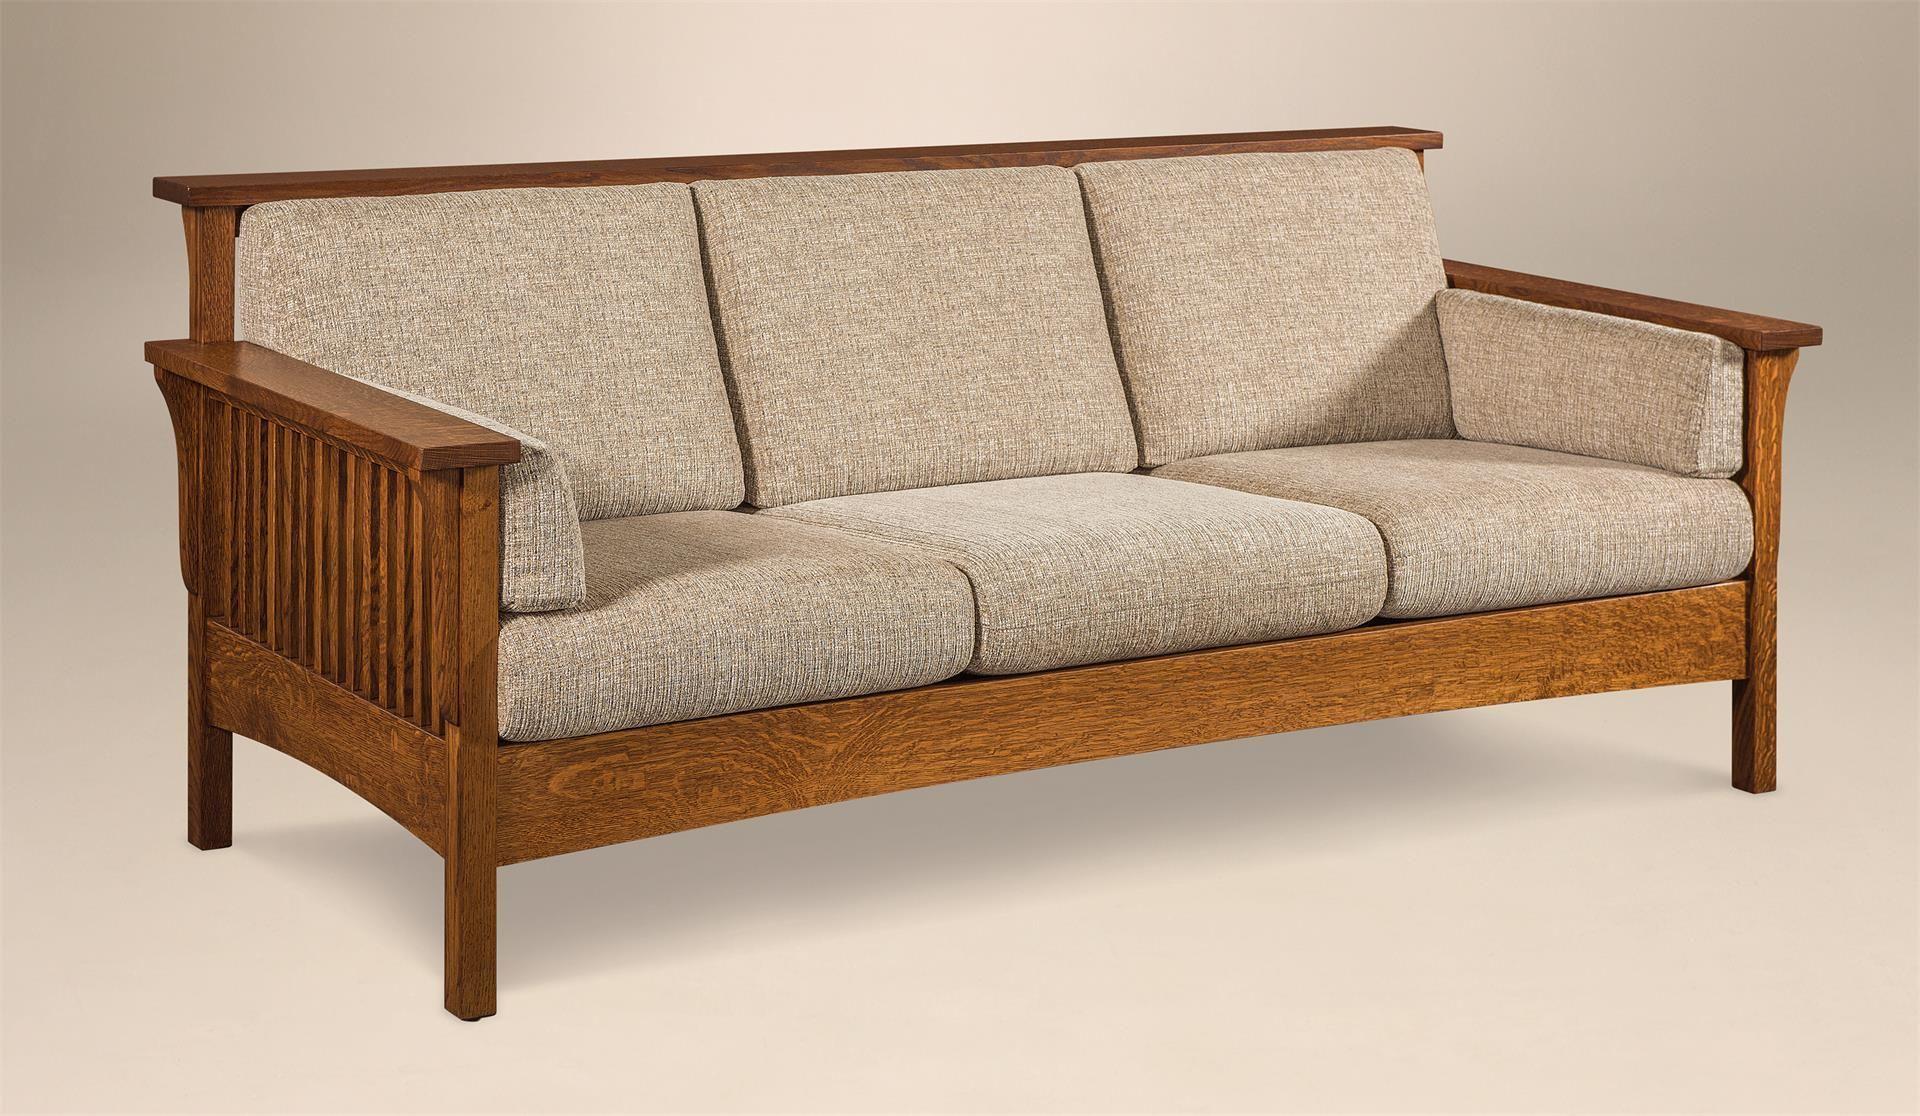 Marvelous Amish High Back Slat Mission Sofa In 2019 Sofa Ideas Inzonedesignstudio Interior Chair Design Inzonedesignstudiocom